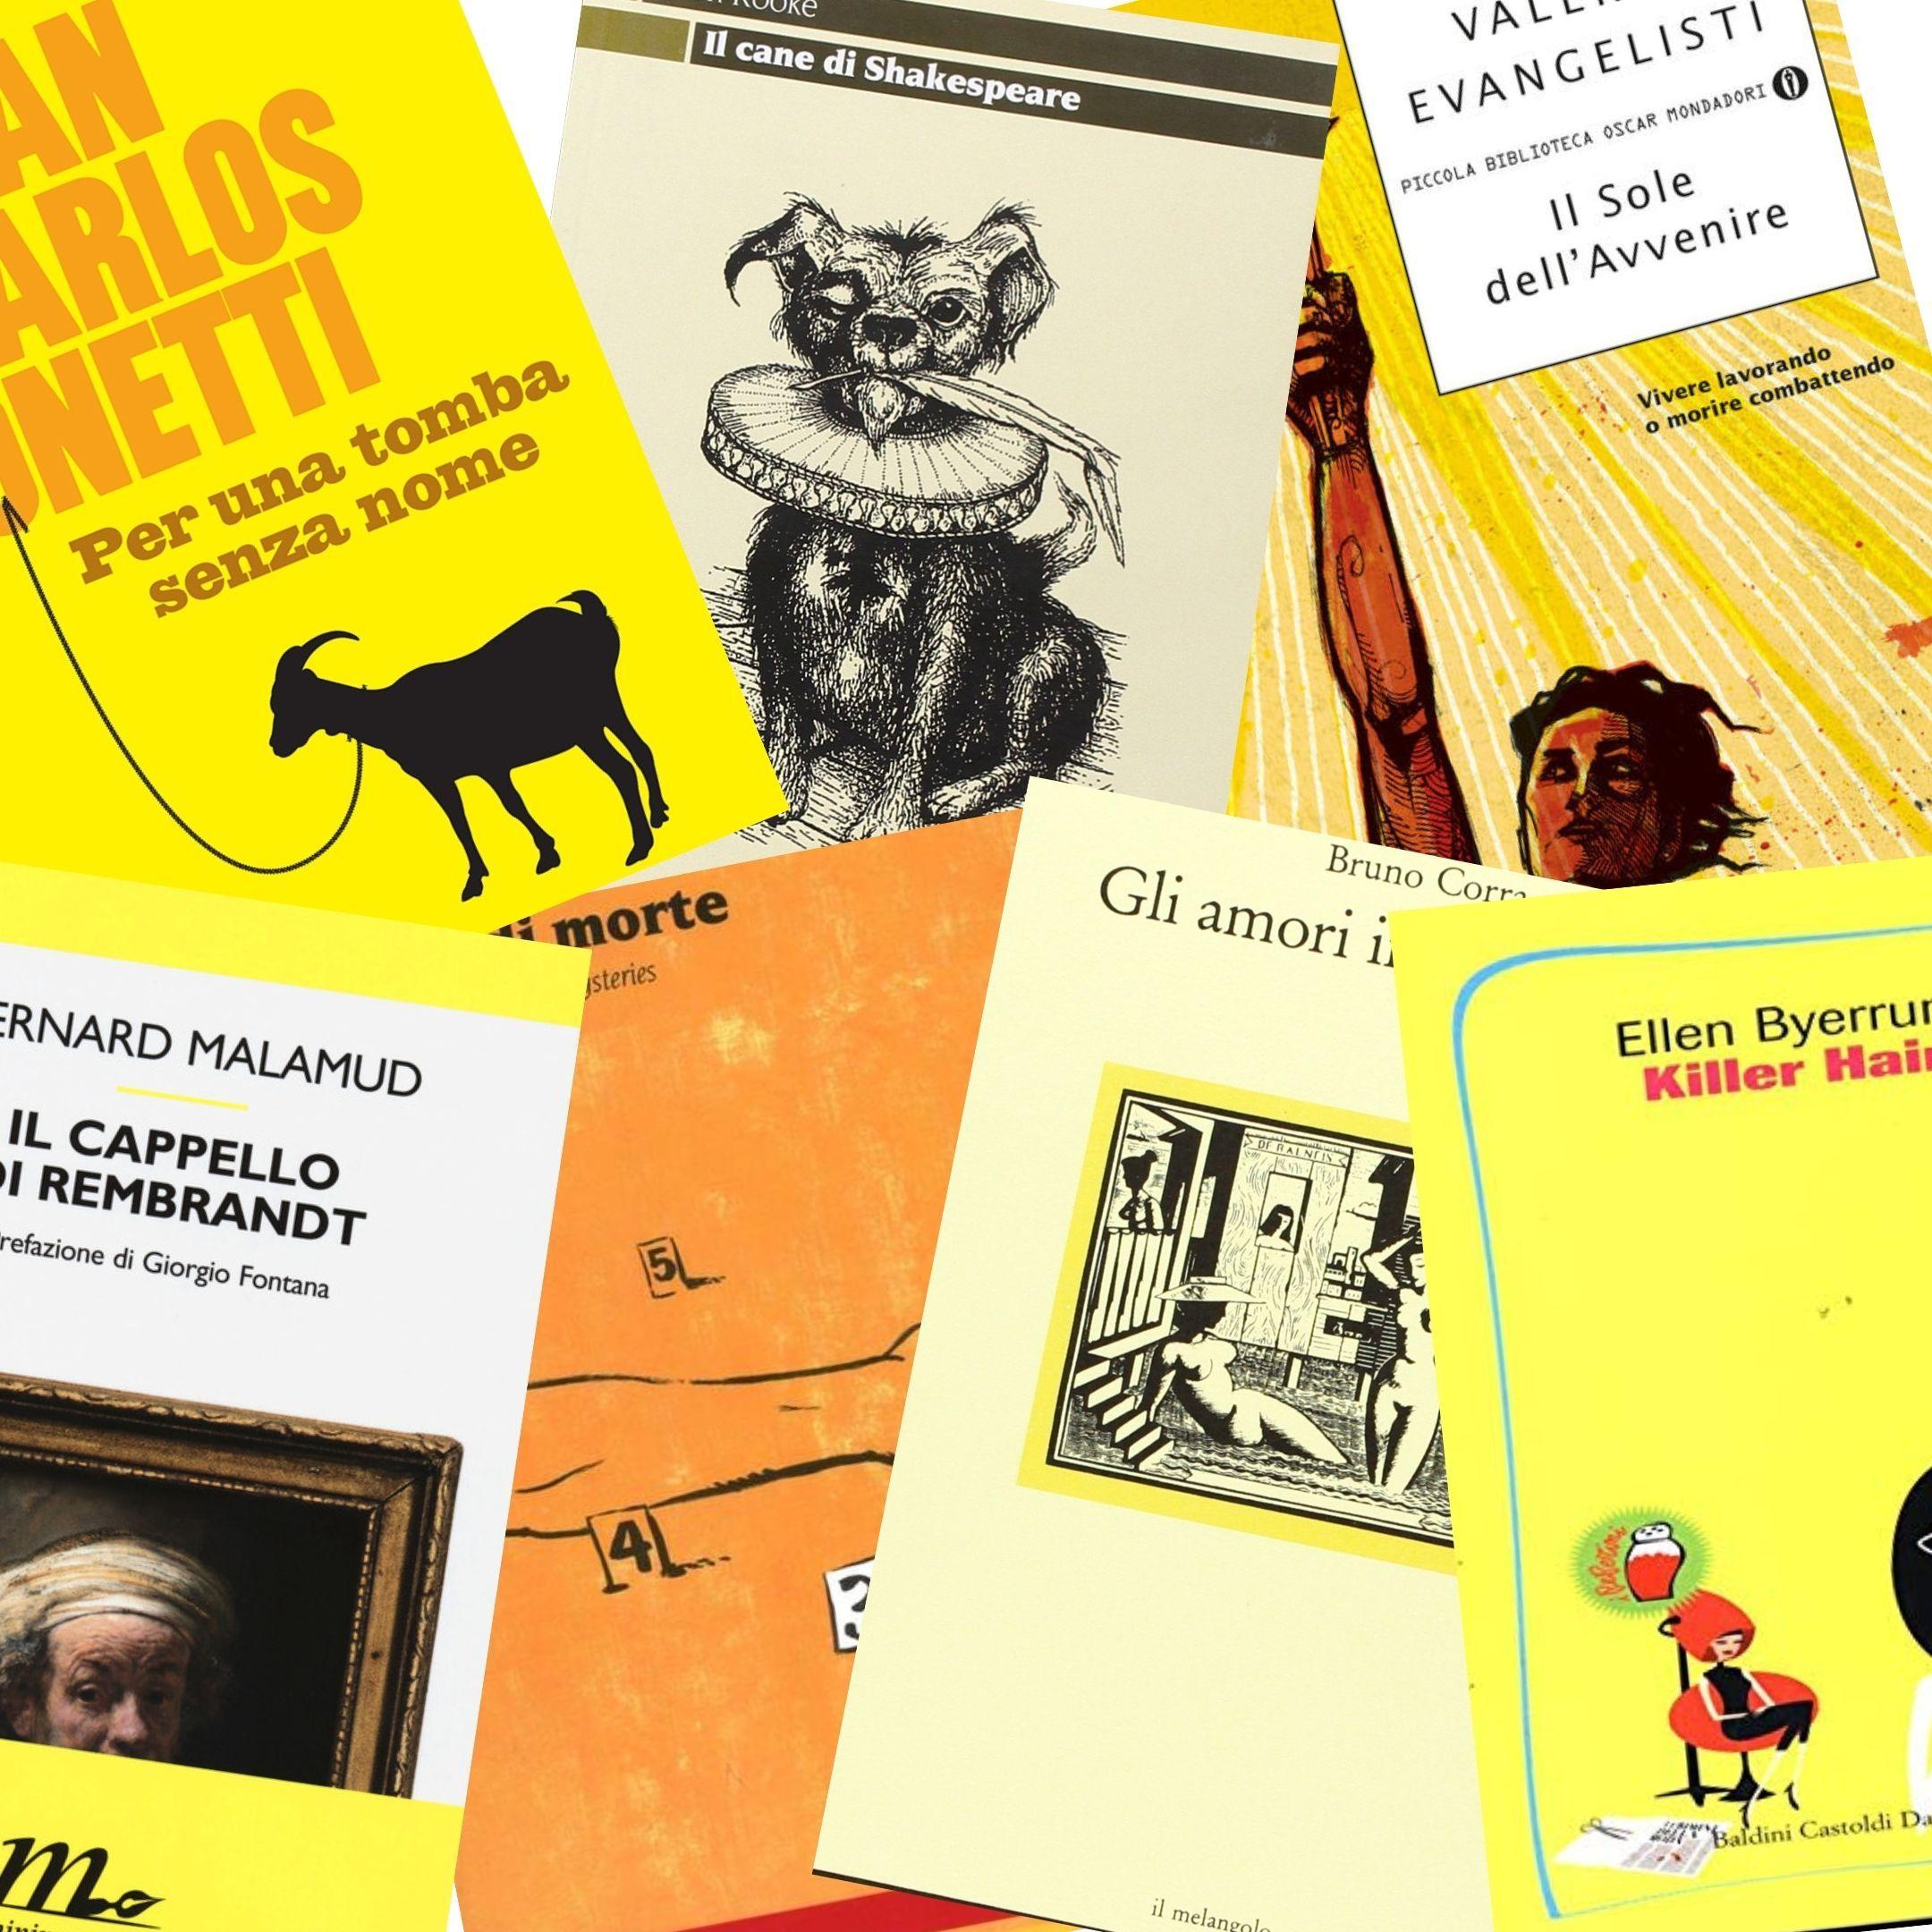 A Novembre comprate solo libri con la copertina gialla su Libraccio